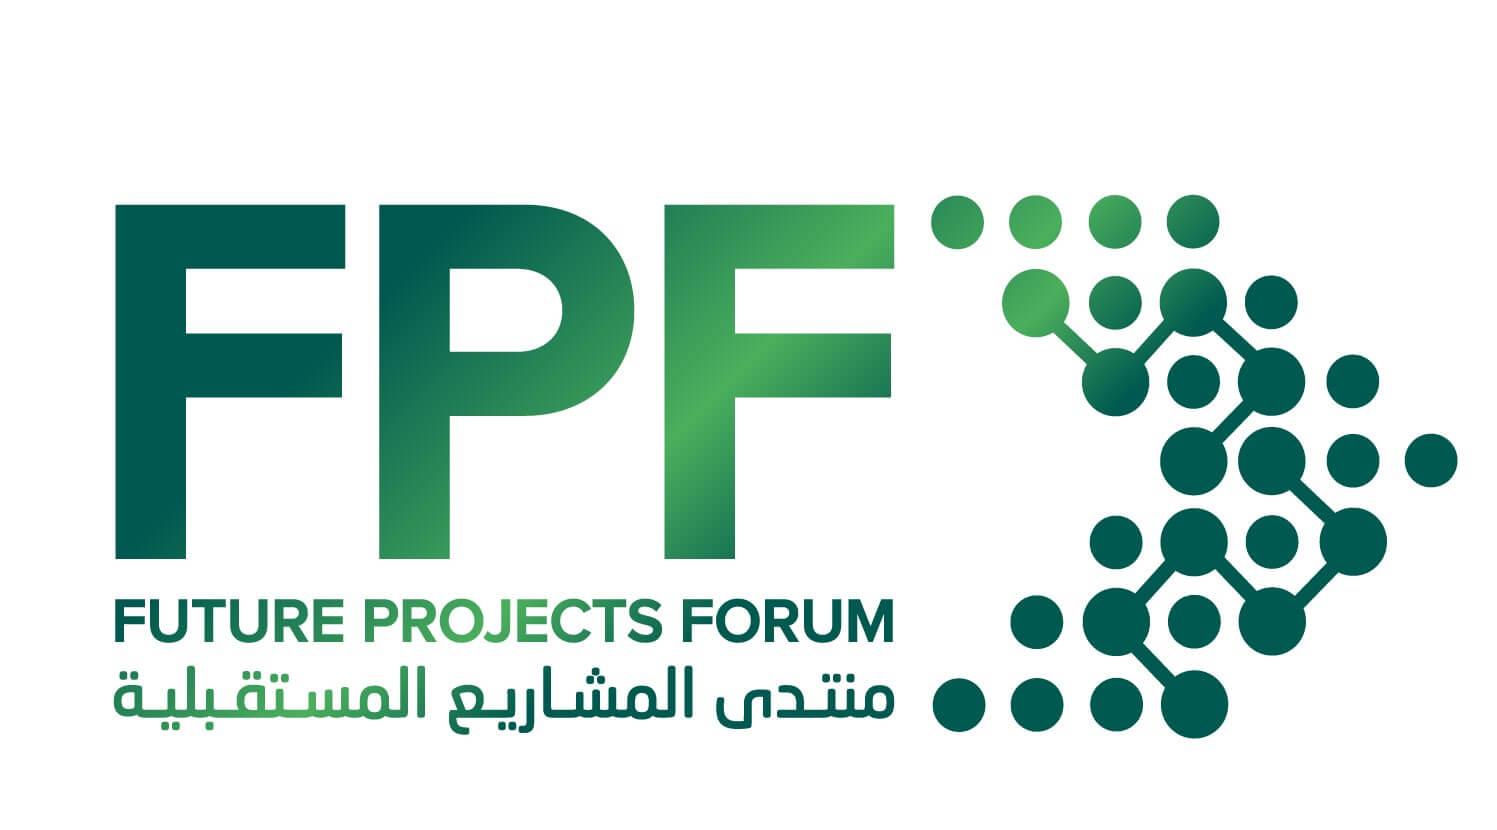 منتدى المشاريع السعودية - مشاريع عقارية